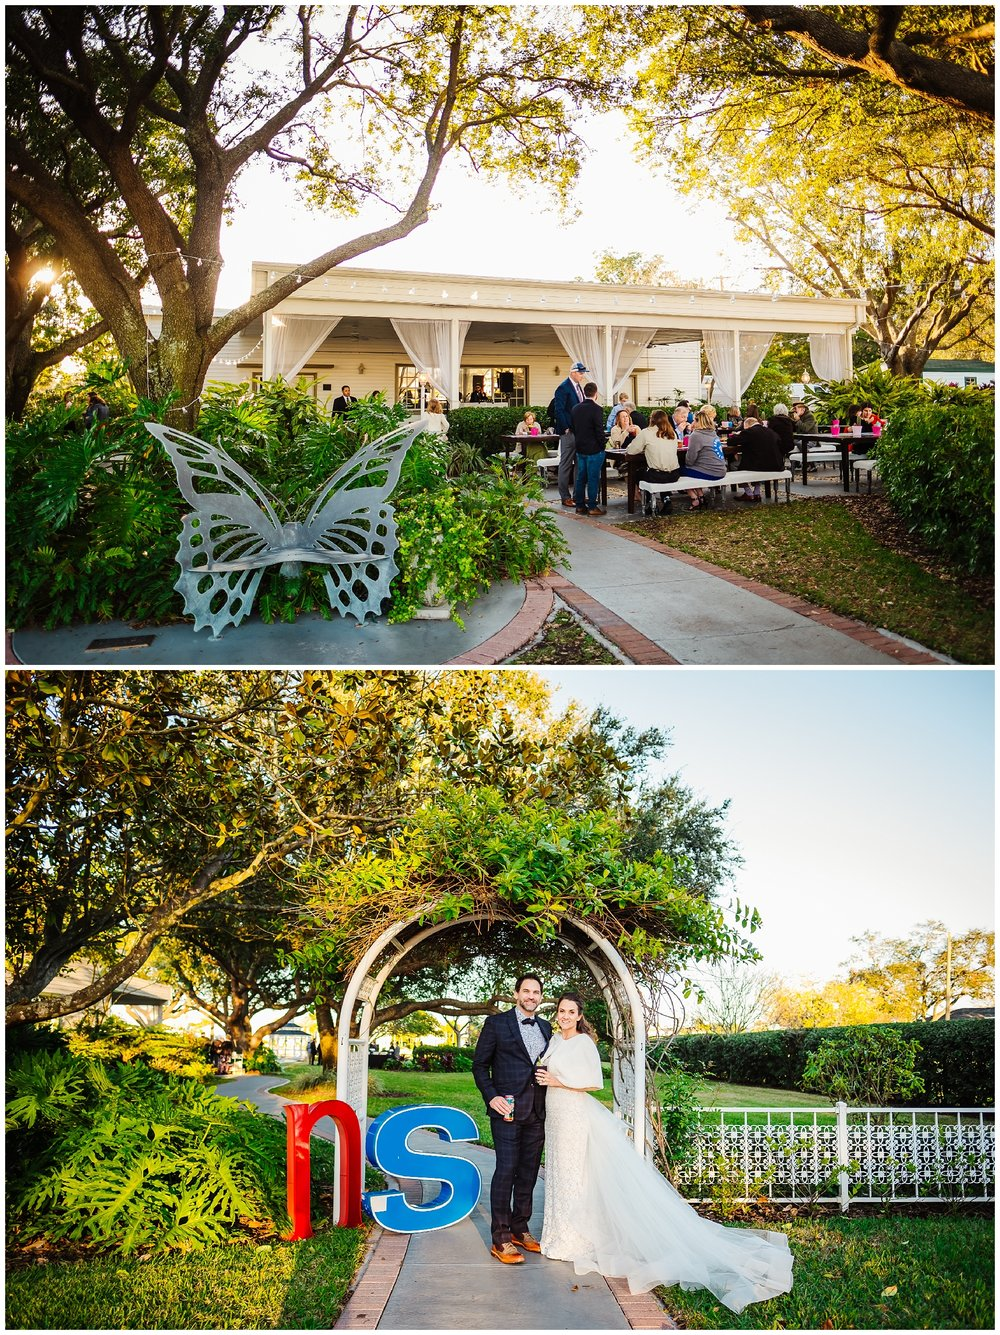 tampa-wedding-photographer-davis-island-flamingo-garden-alexander-mcqueen-non-traditional_0054.jpg